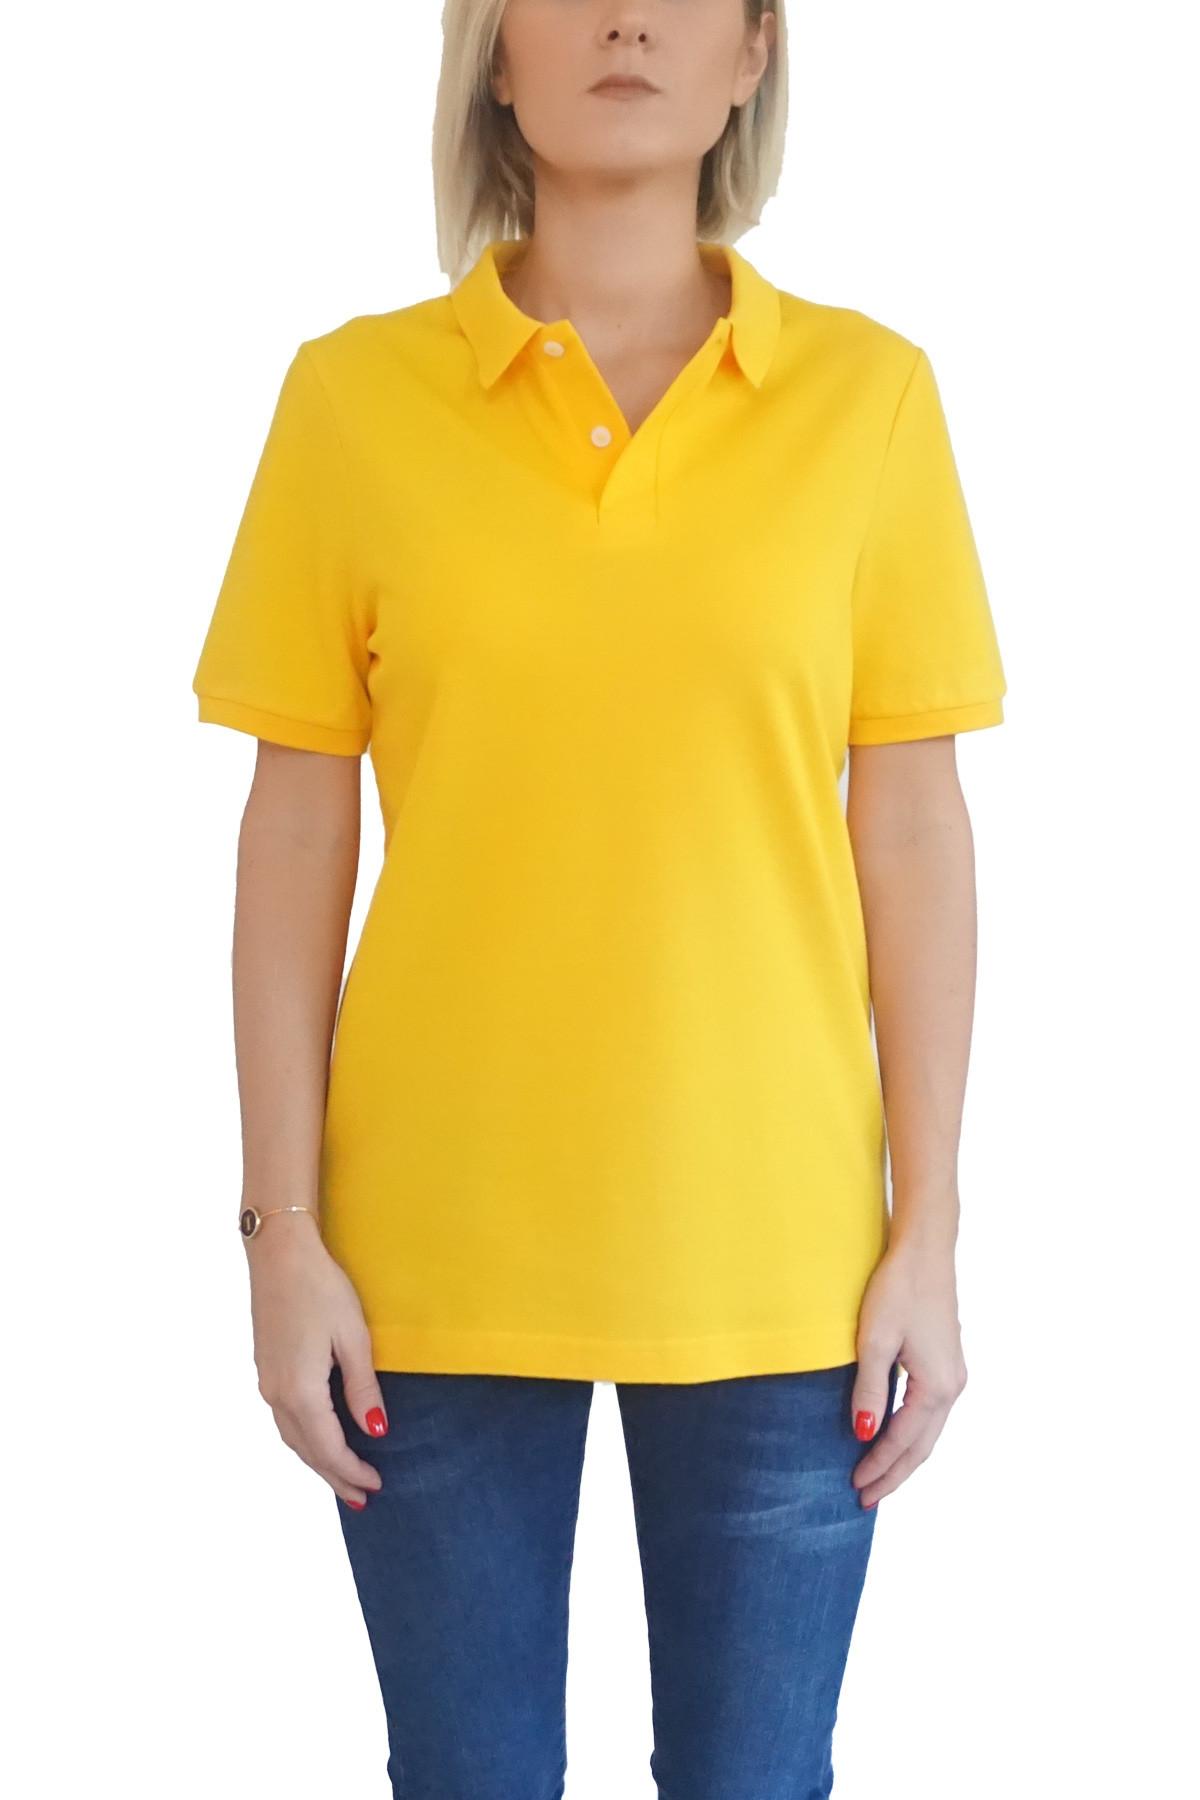 MOF Kadın Sarı T-Shirt POLO-F-SA 1